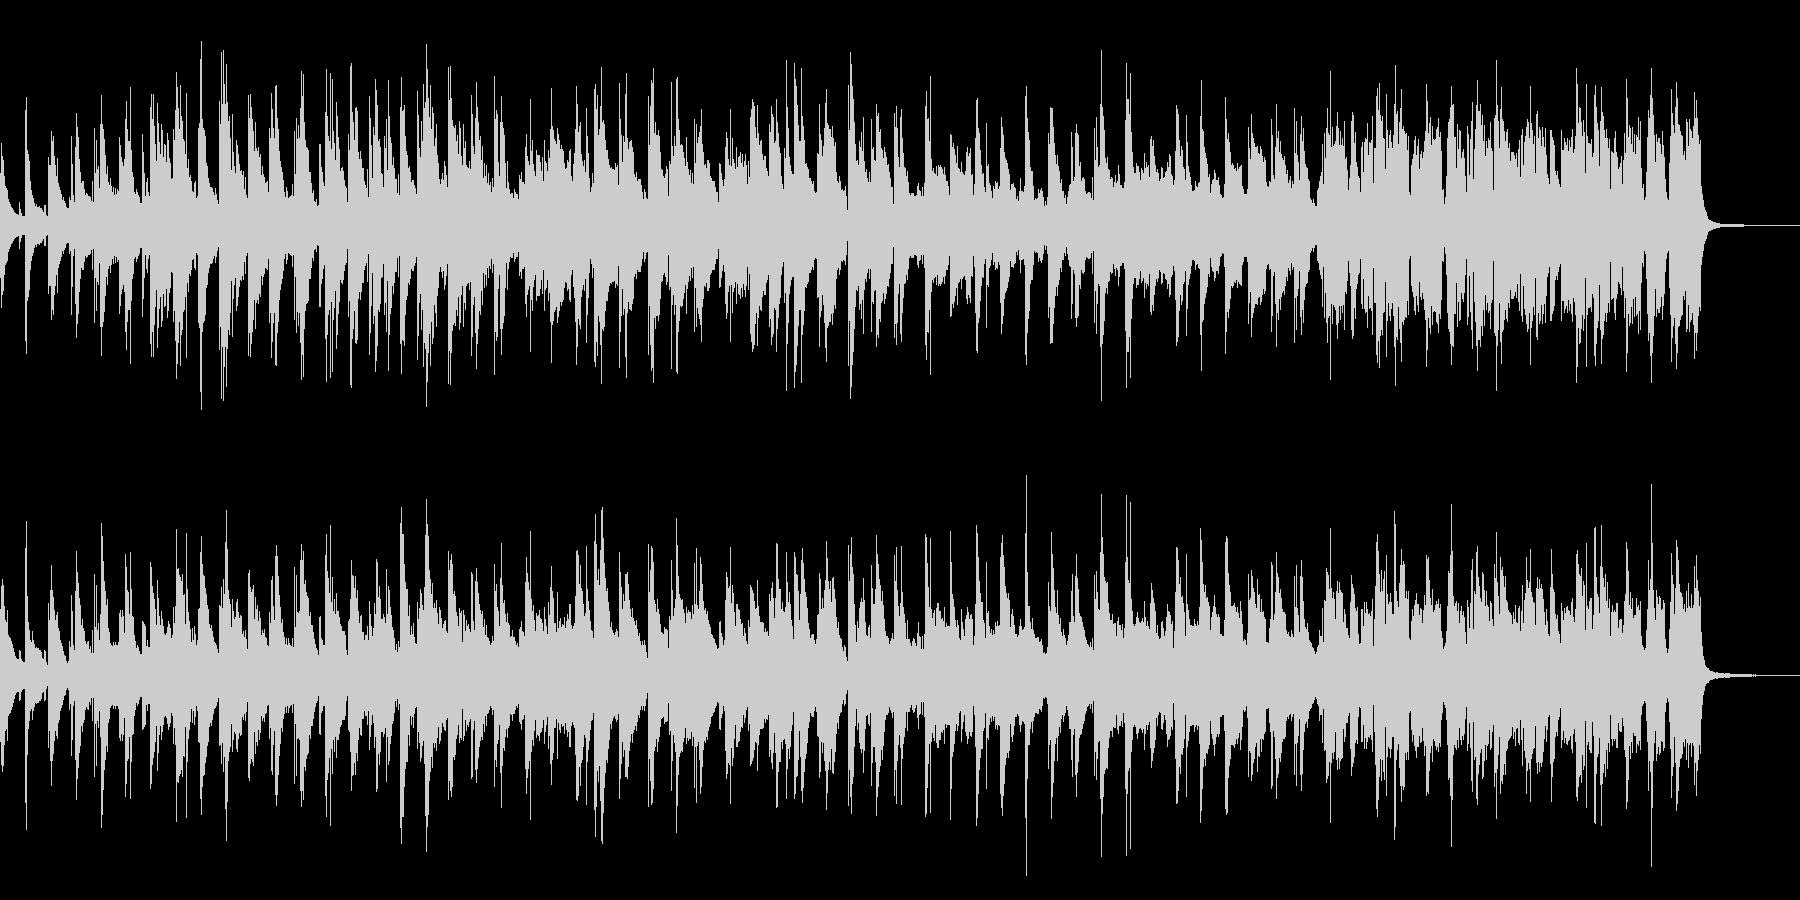 シンプルでゆったりしたジャズ風の未再生の波形